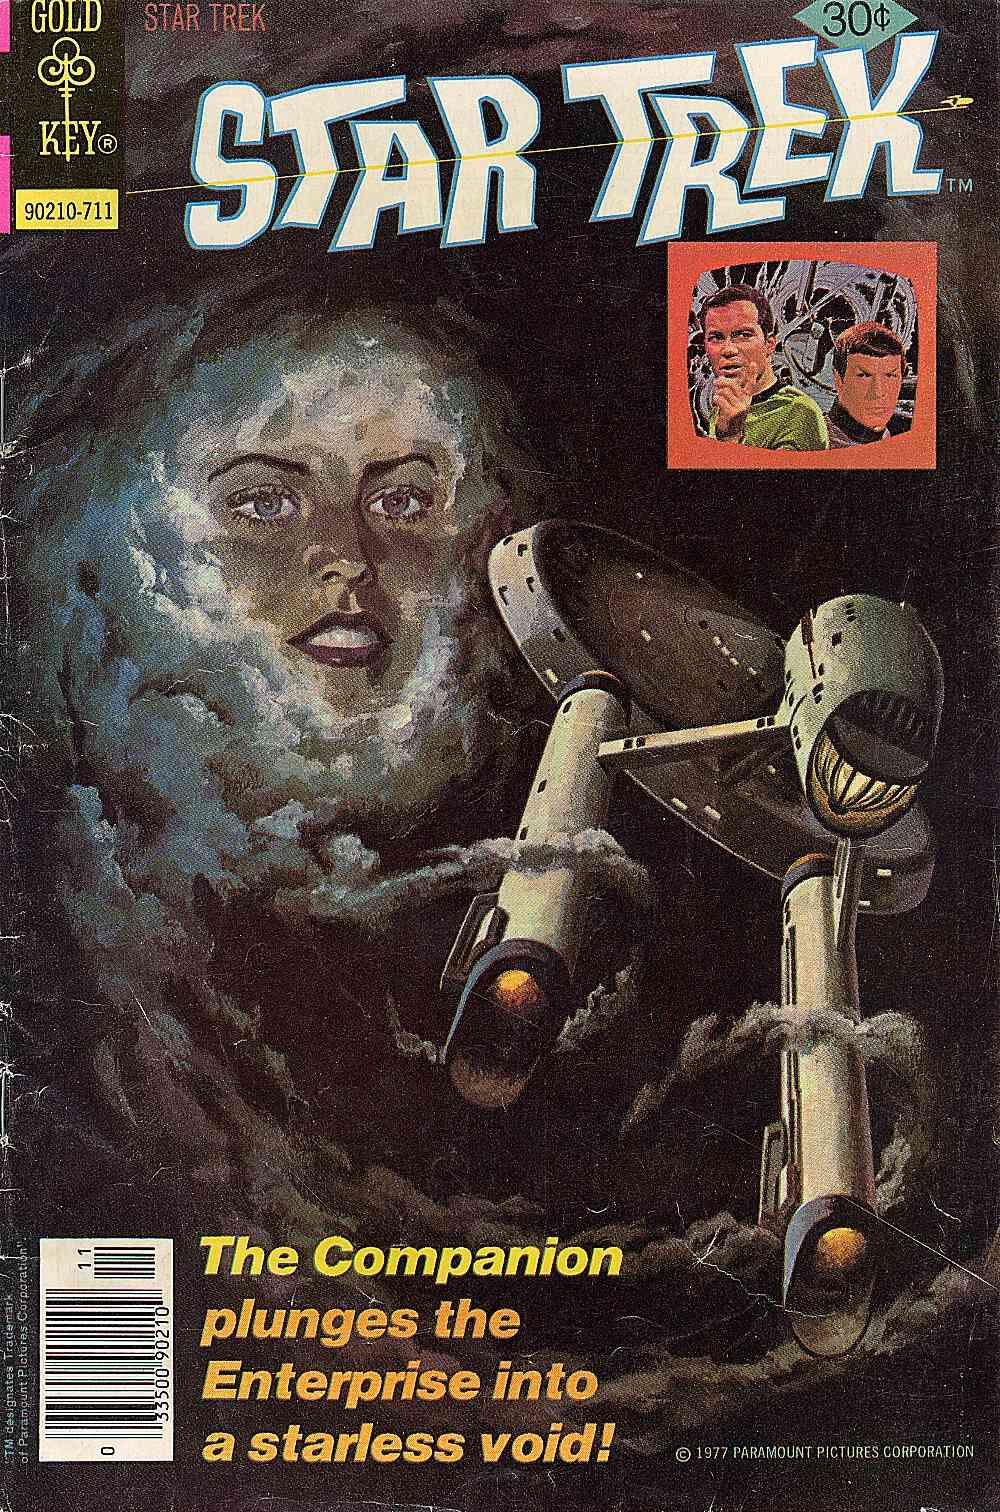 Star Trek (1967) issue 49 - Page 1